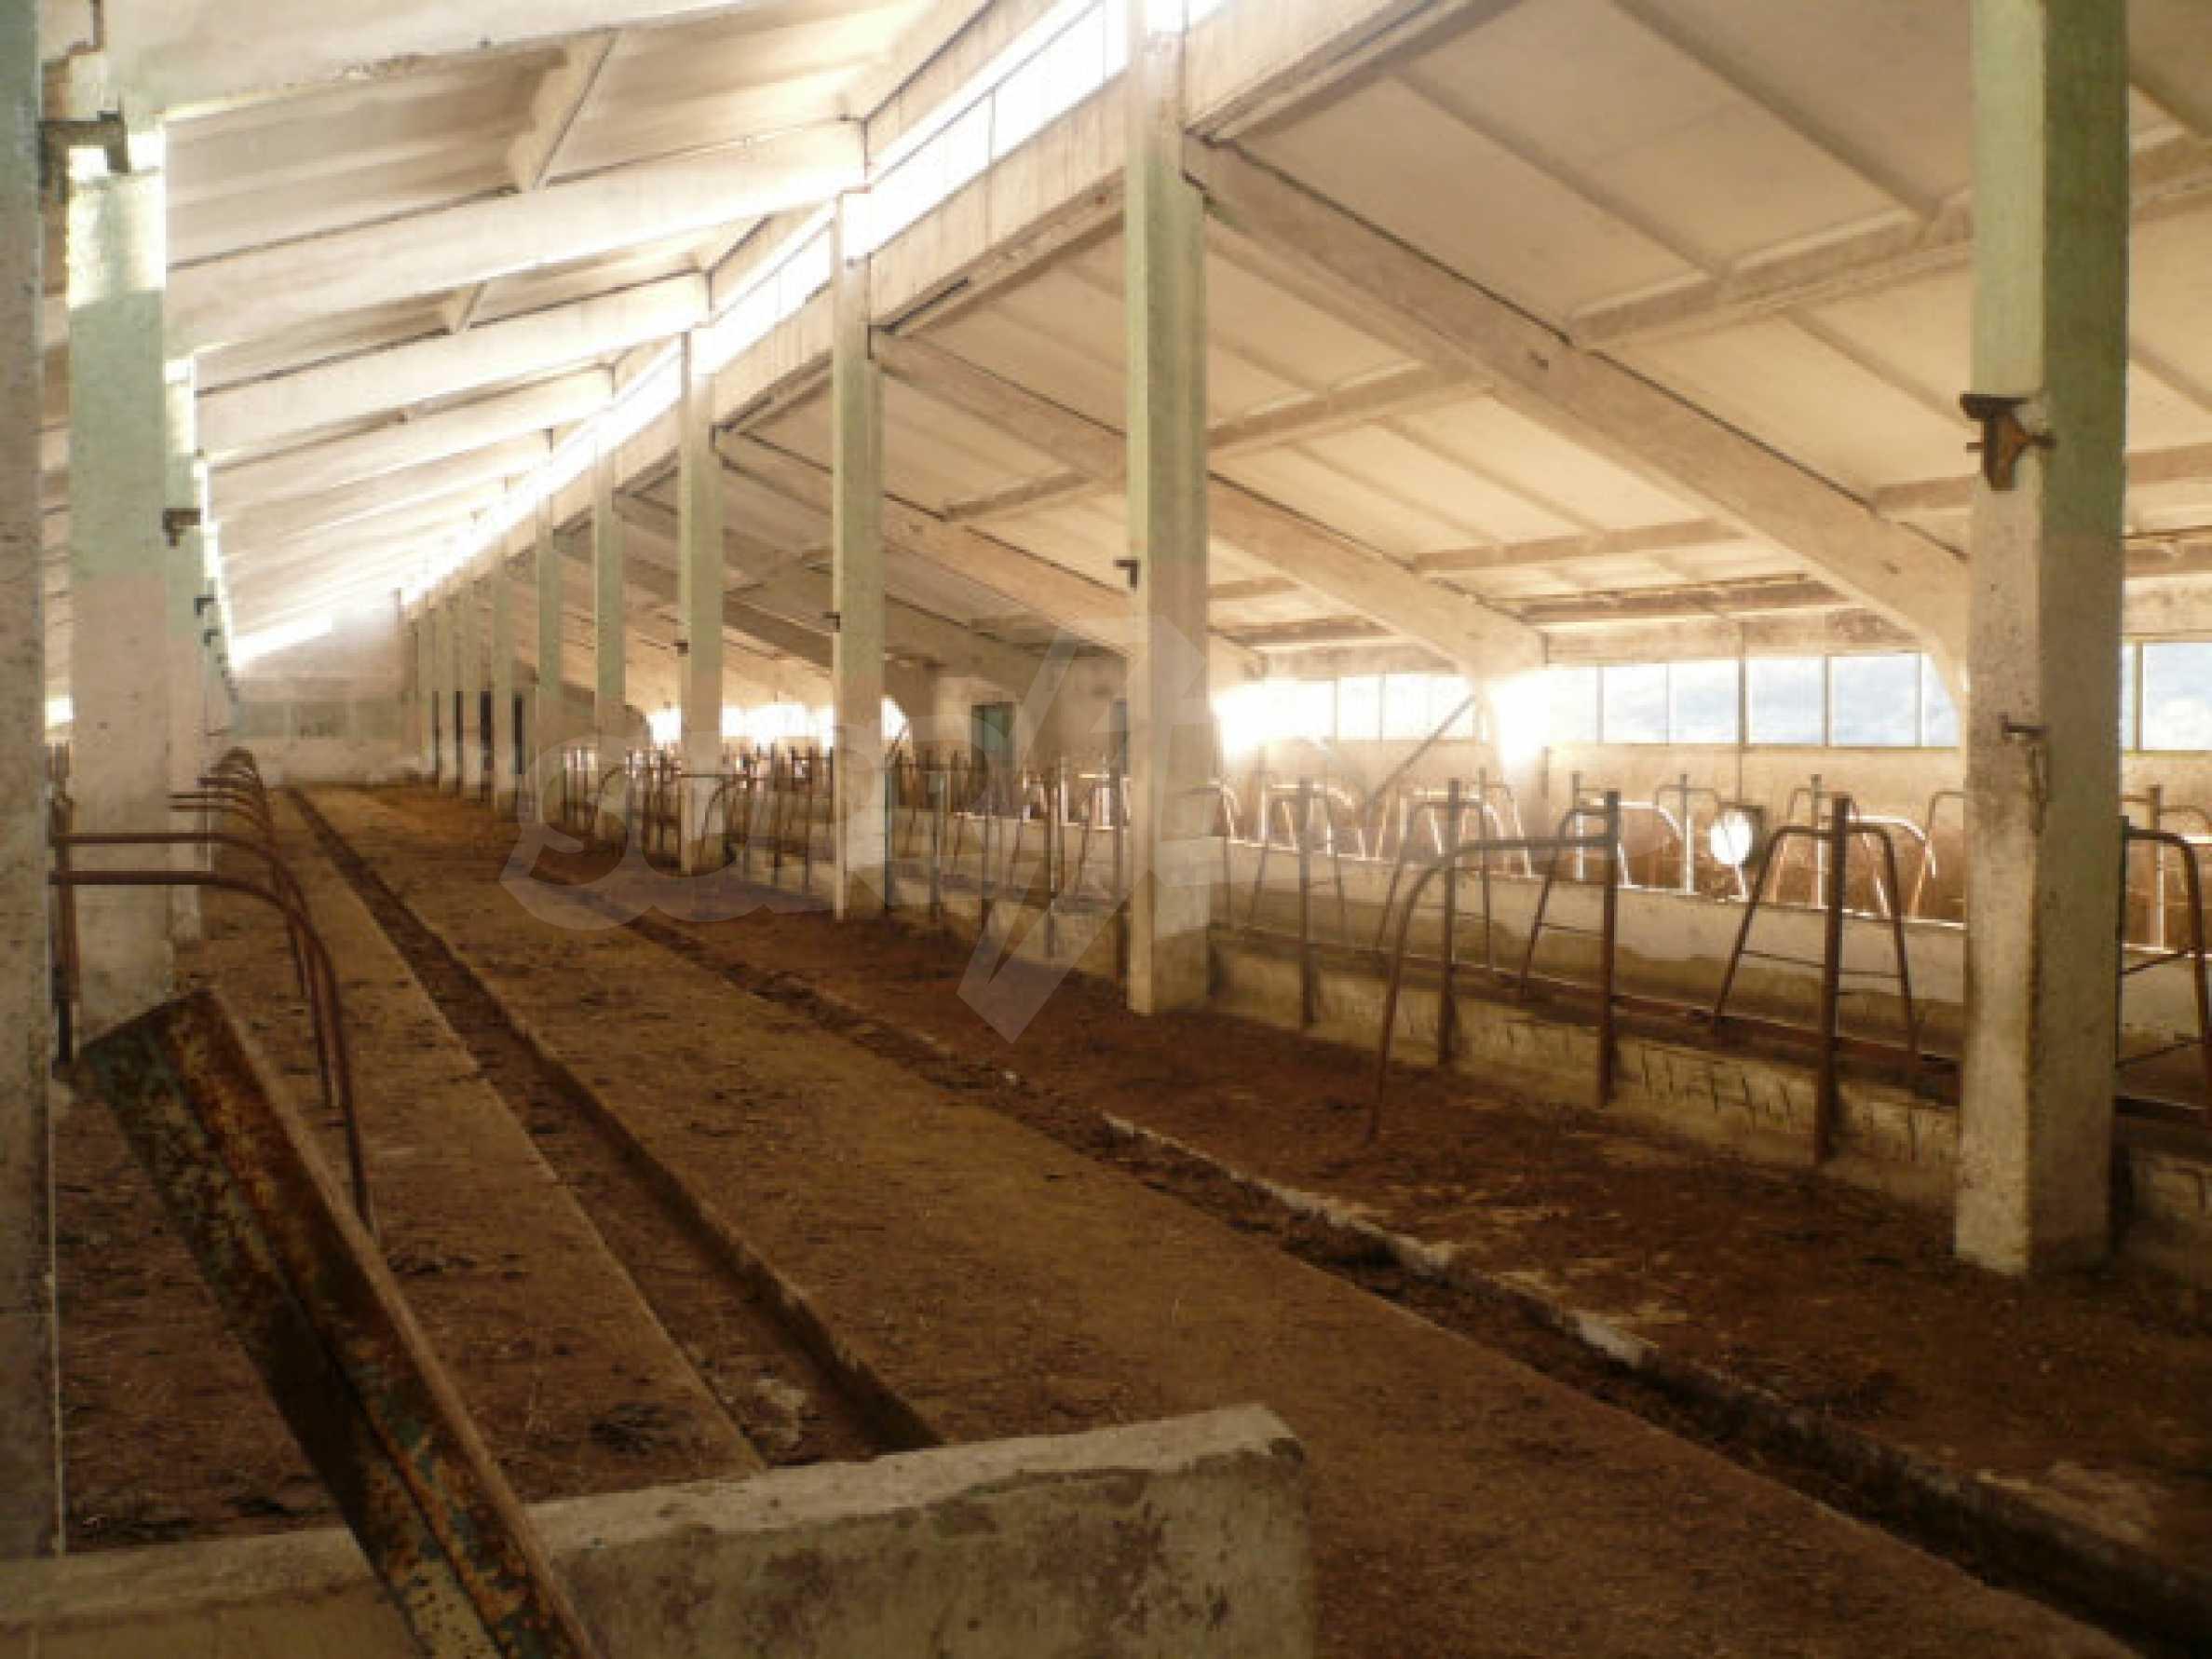 Guter Zustand Rinderfarm in der Nähe von Vidin 4